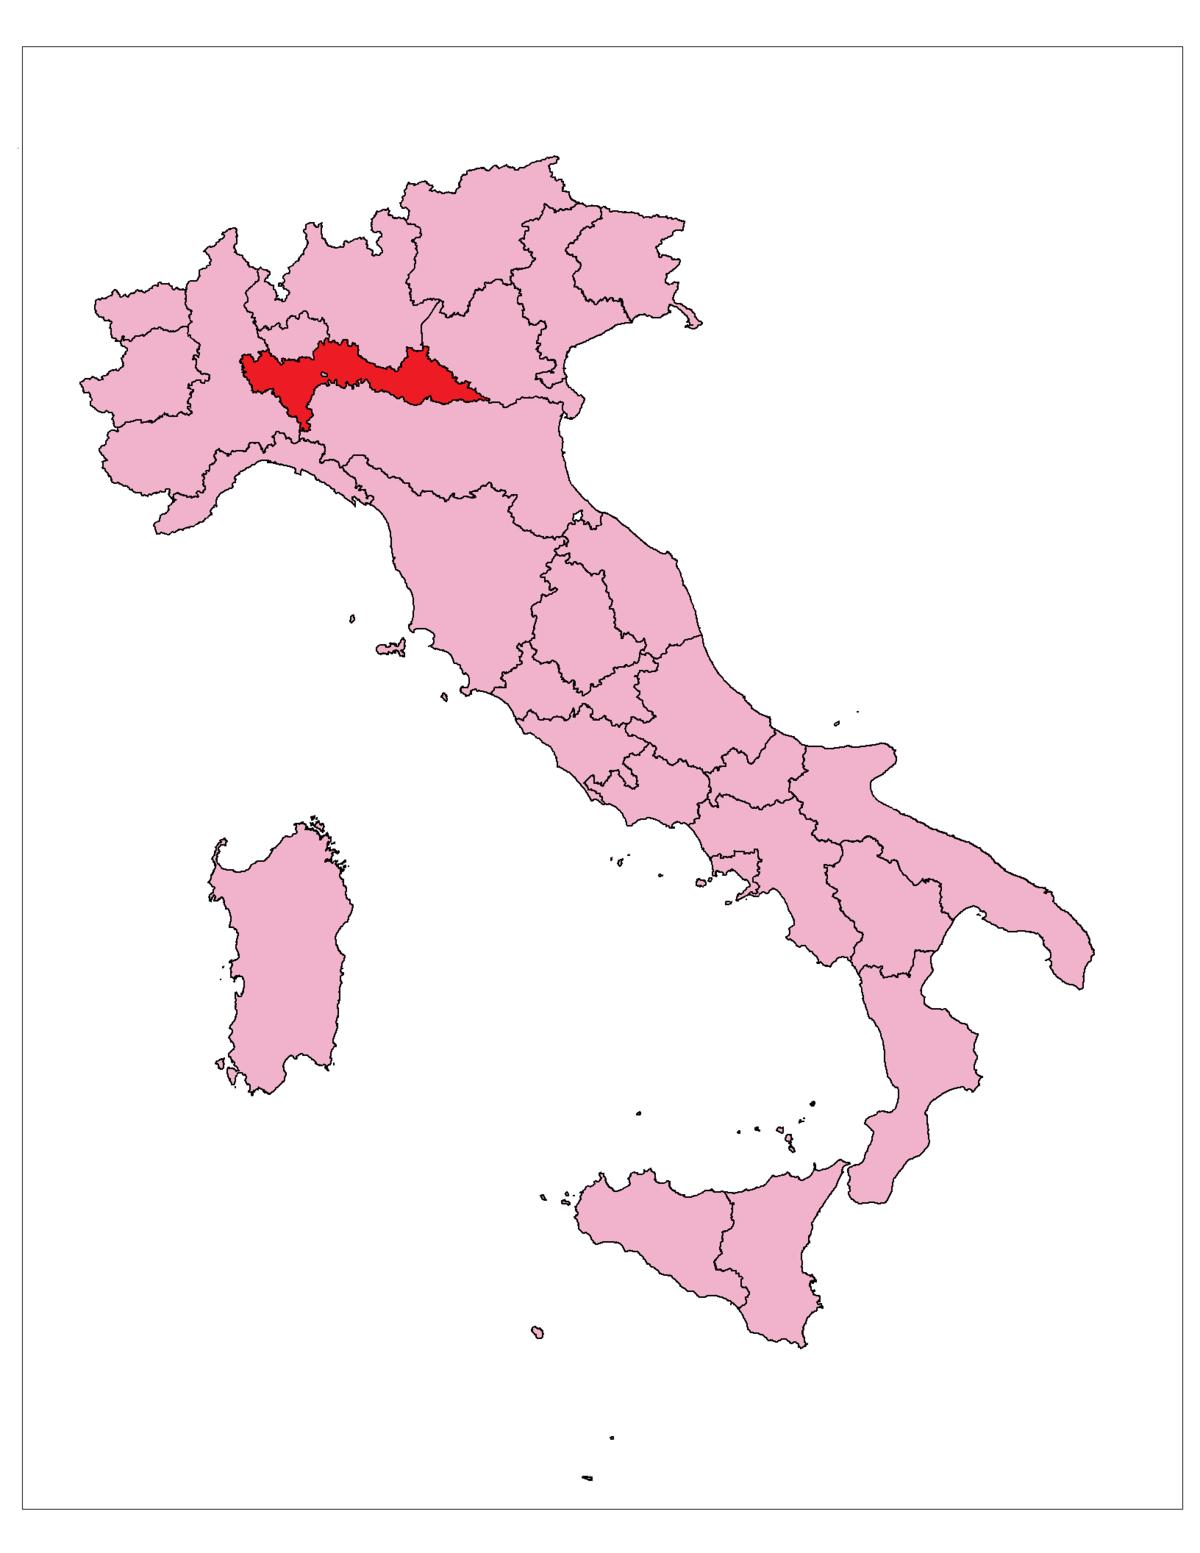 Circoscrizione lombardia 3 wikipedia for Numero senatori e deputati